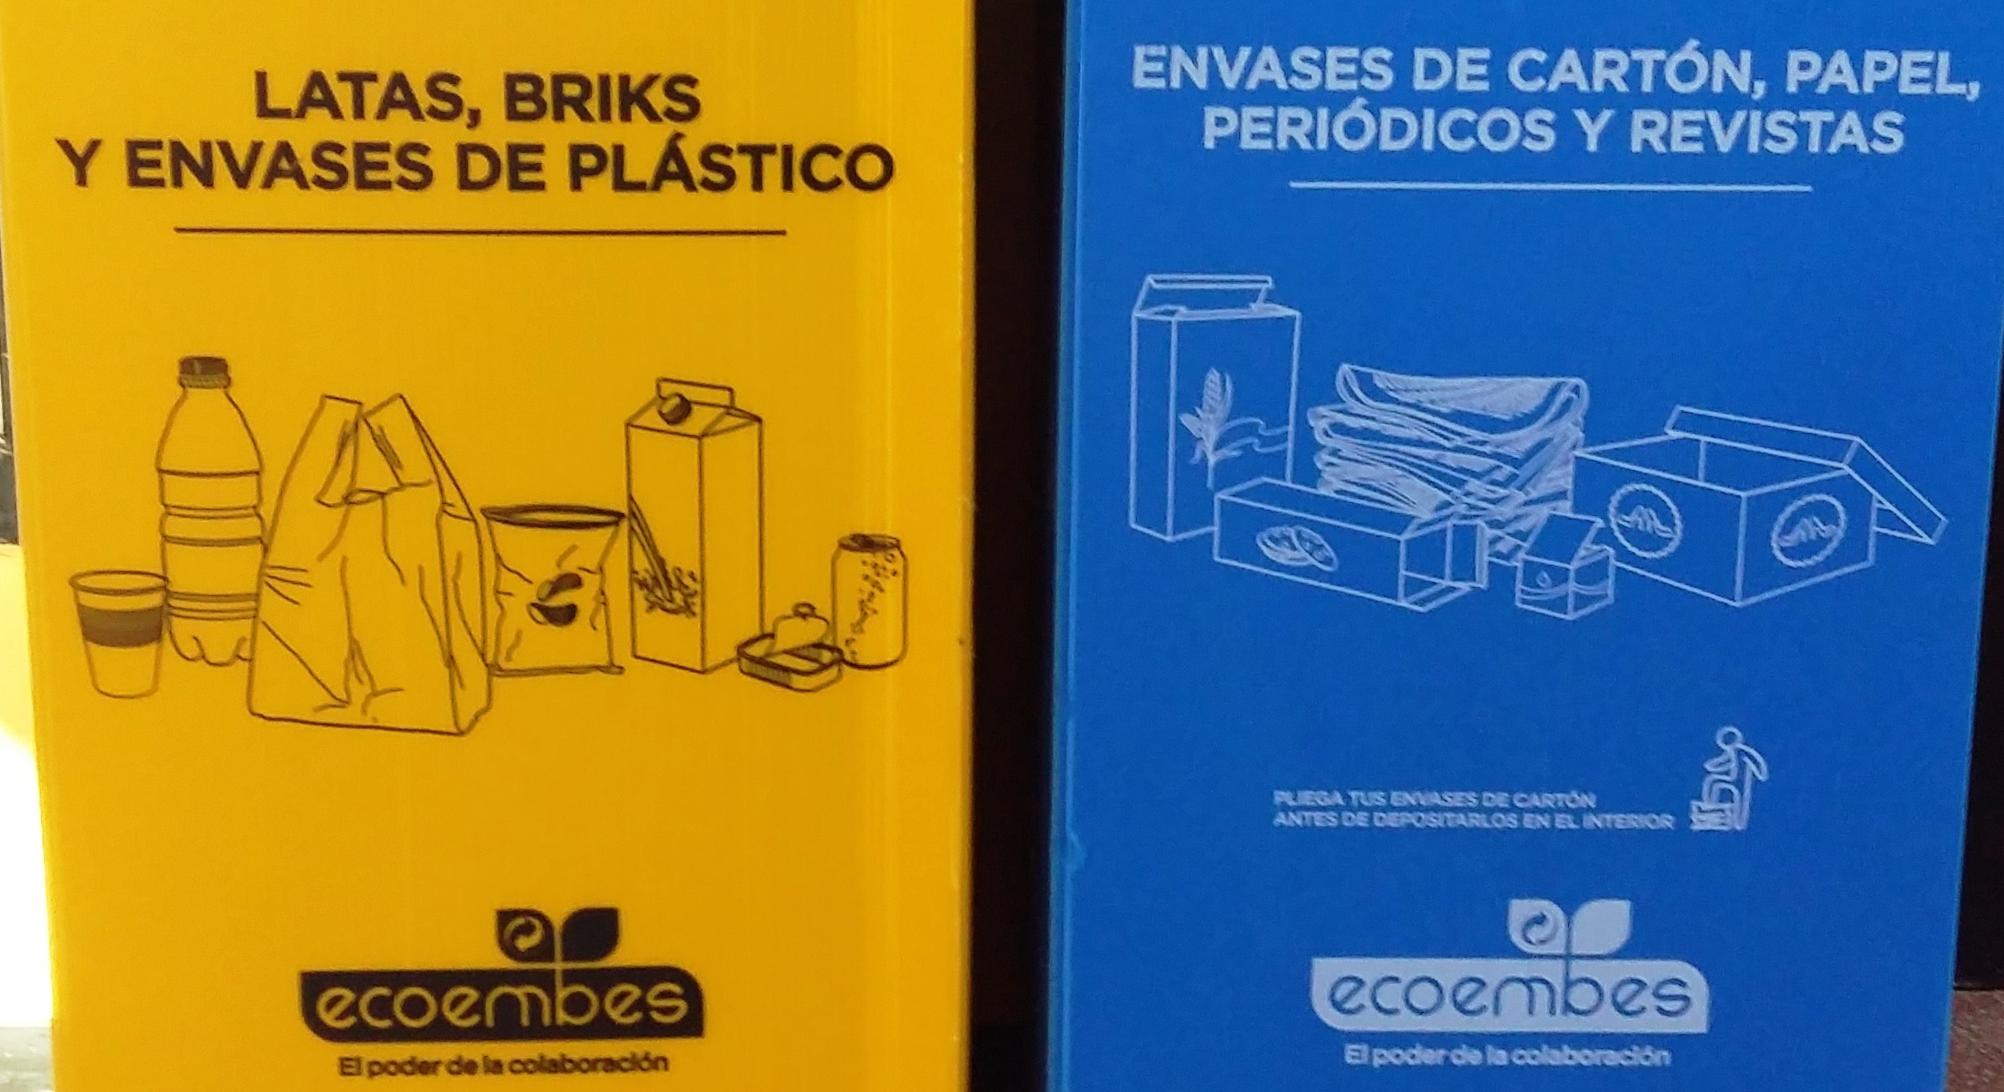 El Ayuntamiento de Velilla en colaboración con Ecoembes, fomenta el reciclaje en los edificios municipales y centros públicos del municipio